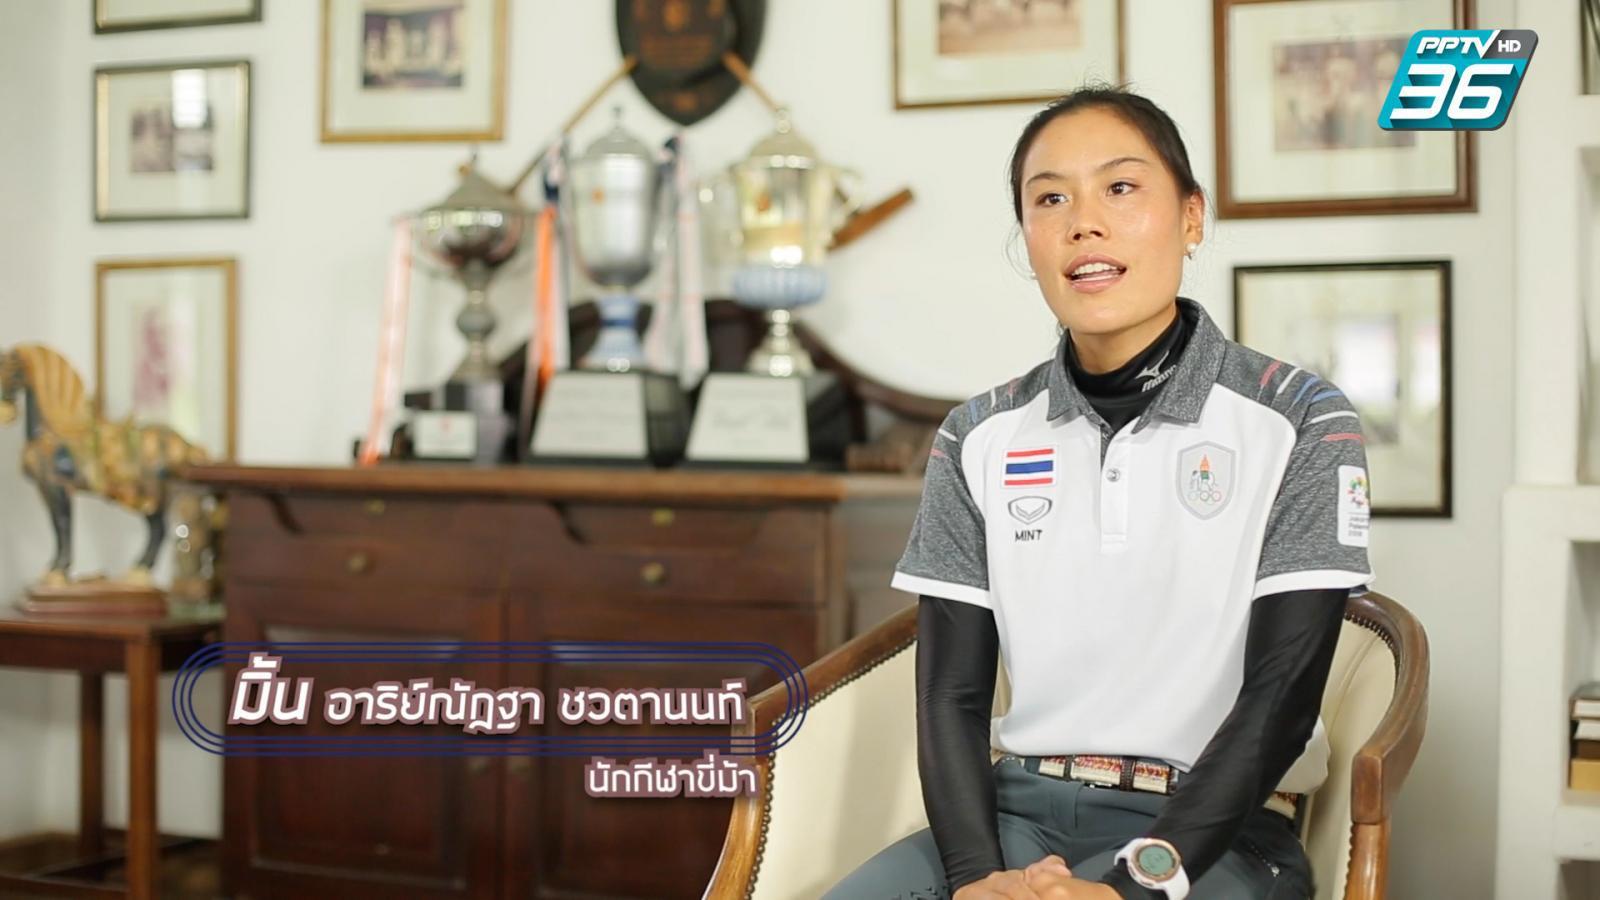 """"""" มิ้น"""" อาริย์ณัฏฐา ชวตานนท์ นักกีฬาขี่ม้าทีมชาติไทย"""